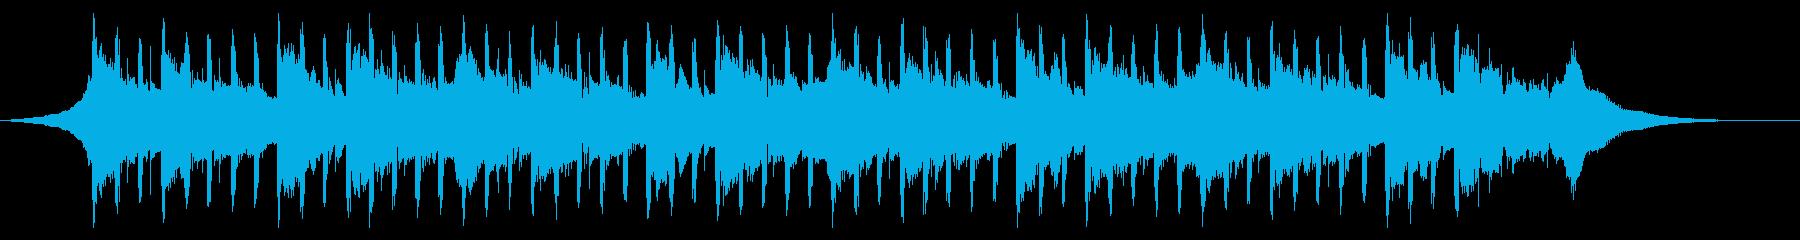 説明者向け(39秒)の再生済みの波形